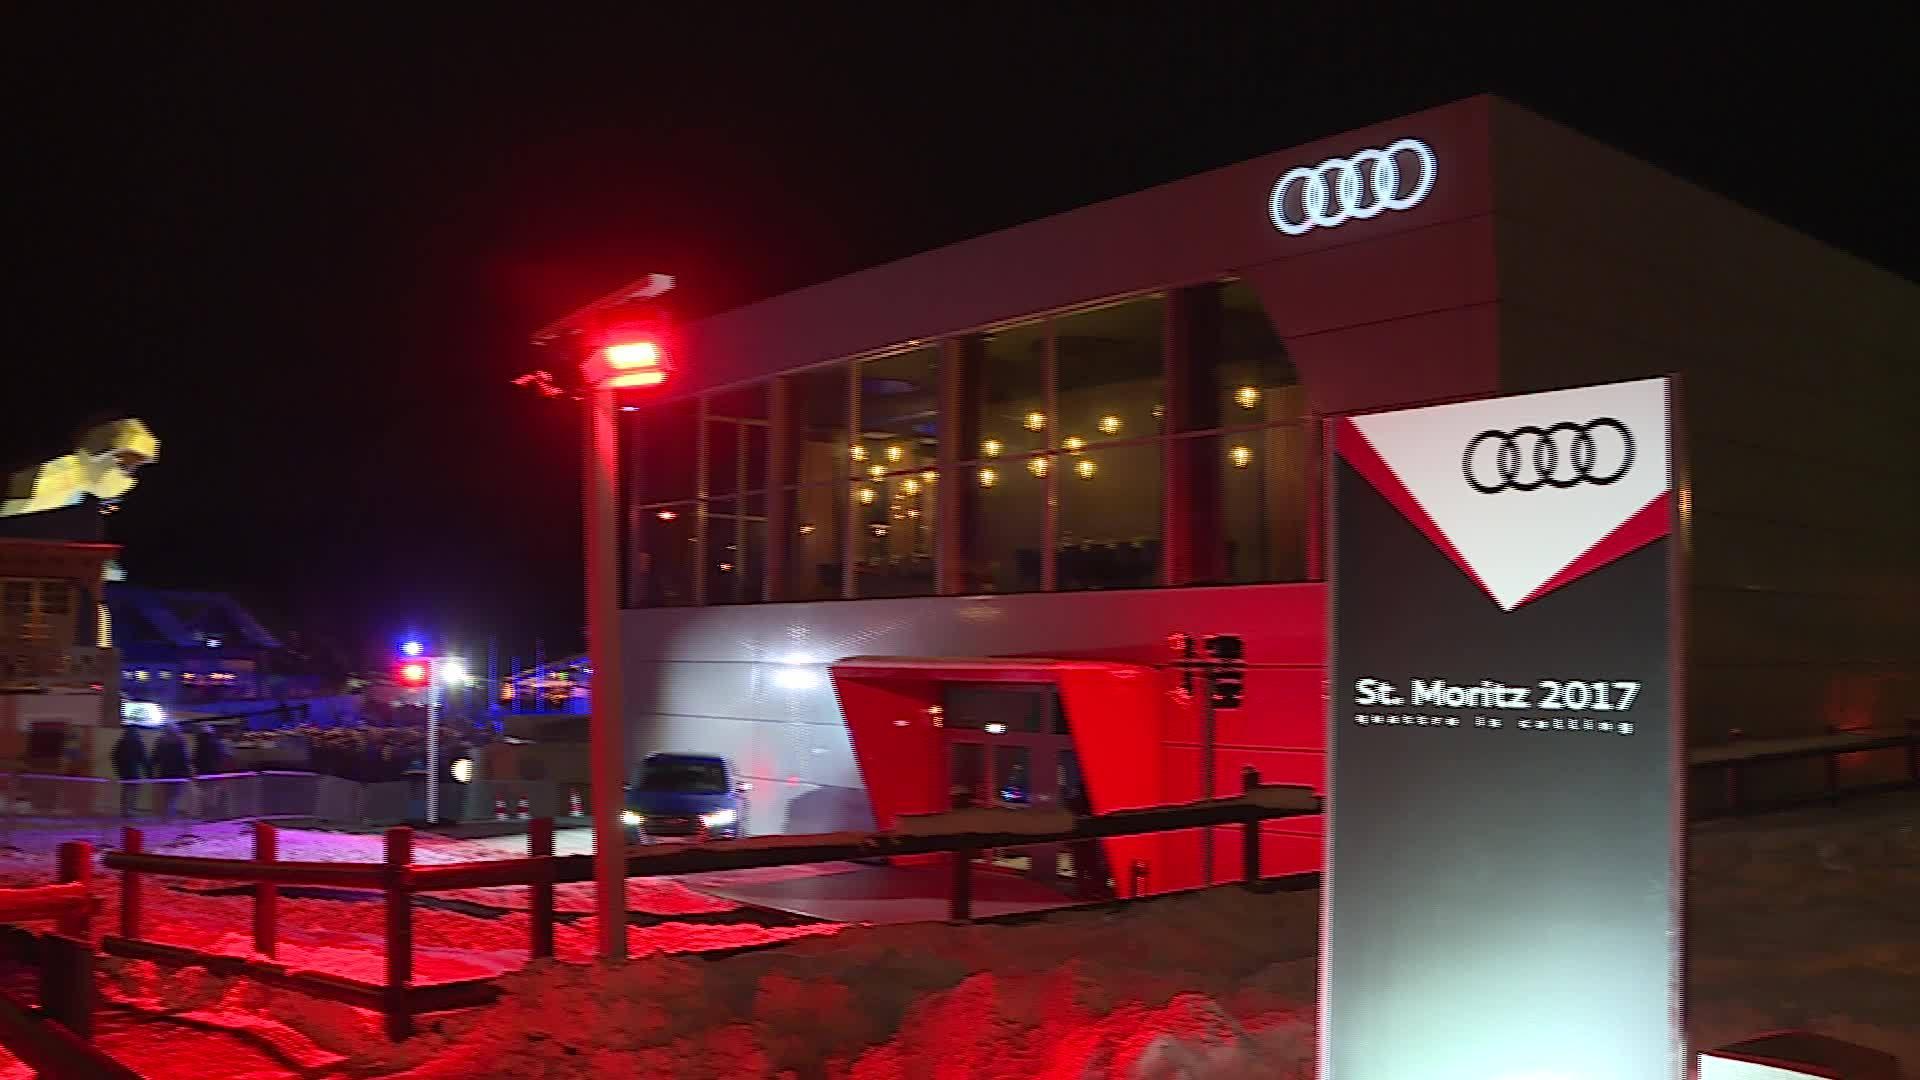 """Ski WM St. Moritz: Zwei Wochen """"home of quattro"""""""